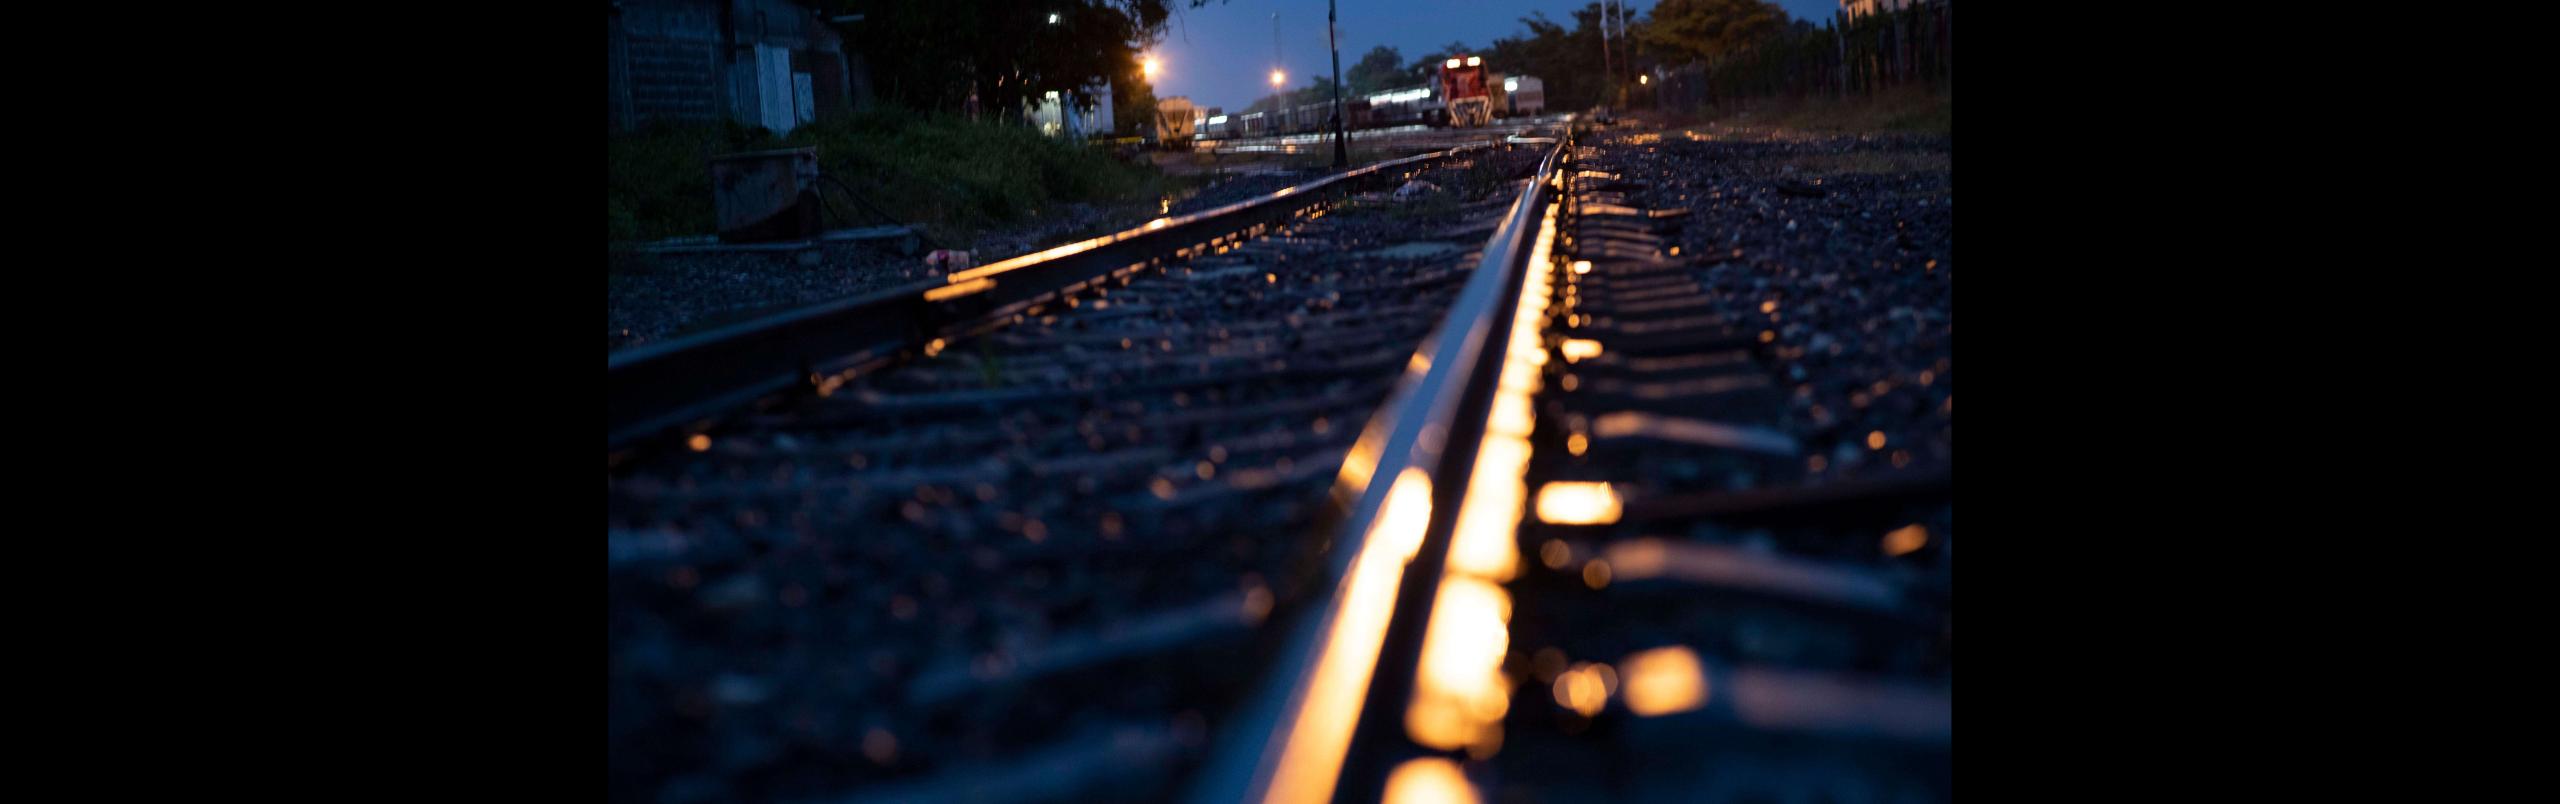 migracion tren